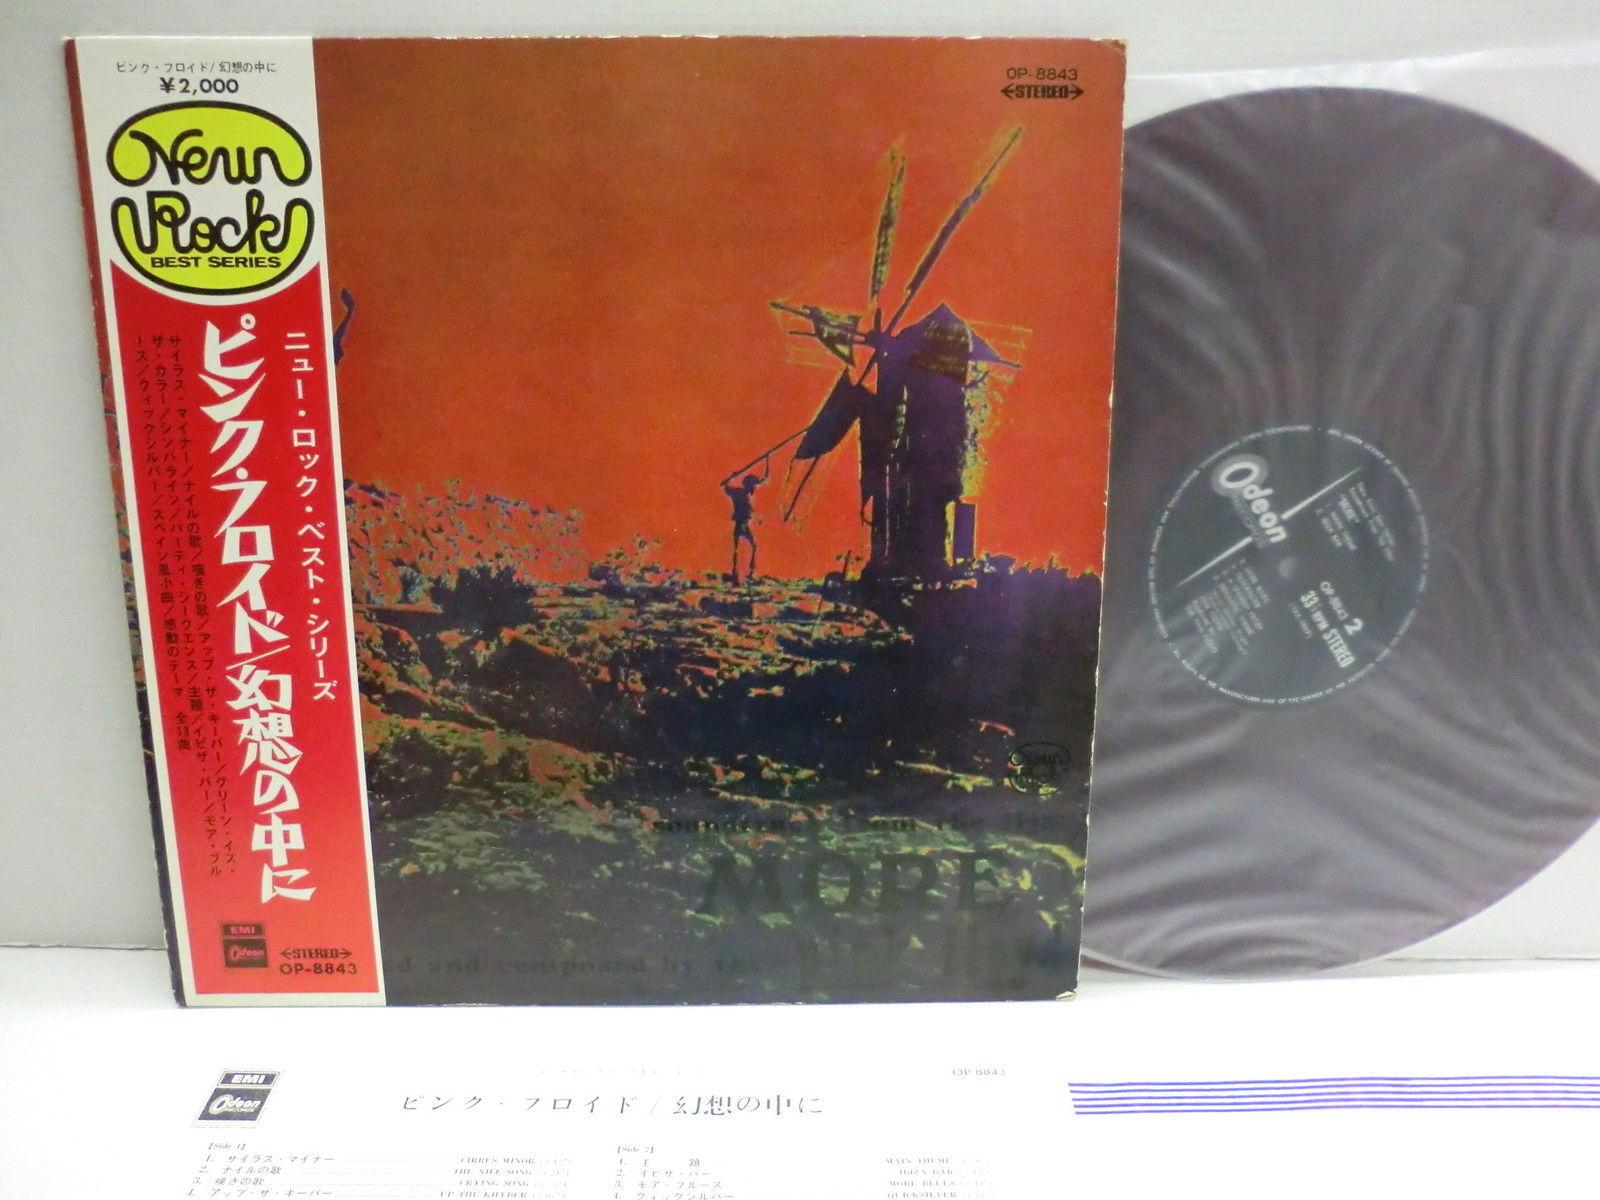 Full Size of Vinylboden Obi Popsikecom Pink Floyd More Lp Red Vinyl Japan Toshiba Odeon Wohnzimmer Immobilien Bad Homburg Einbauküche Nobilia Regale Küche Mobile Im Wohnzimmer Vinylboden Obi